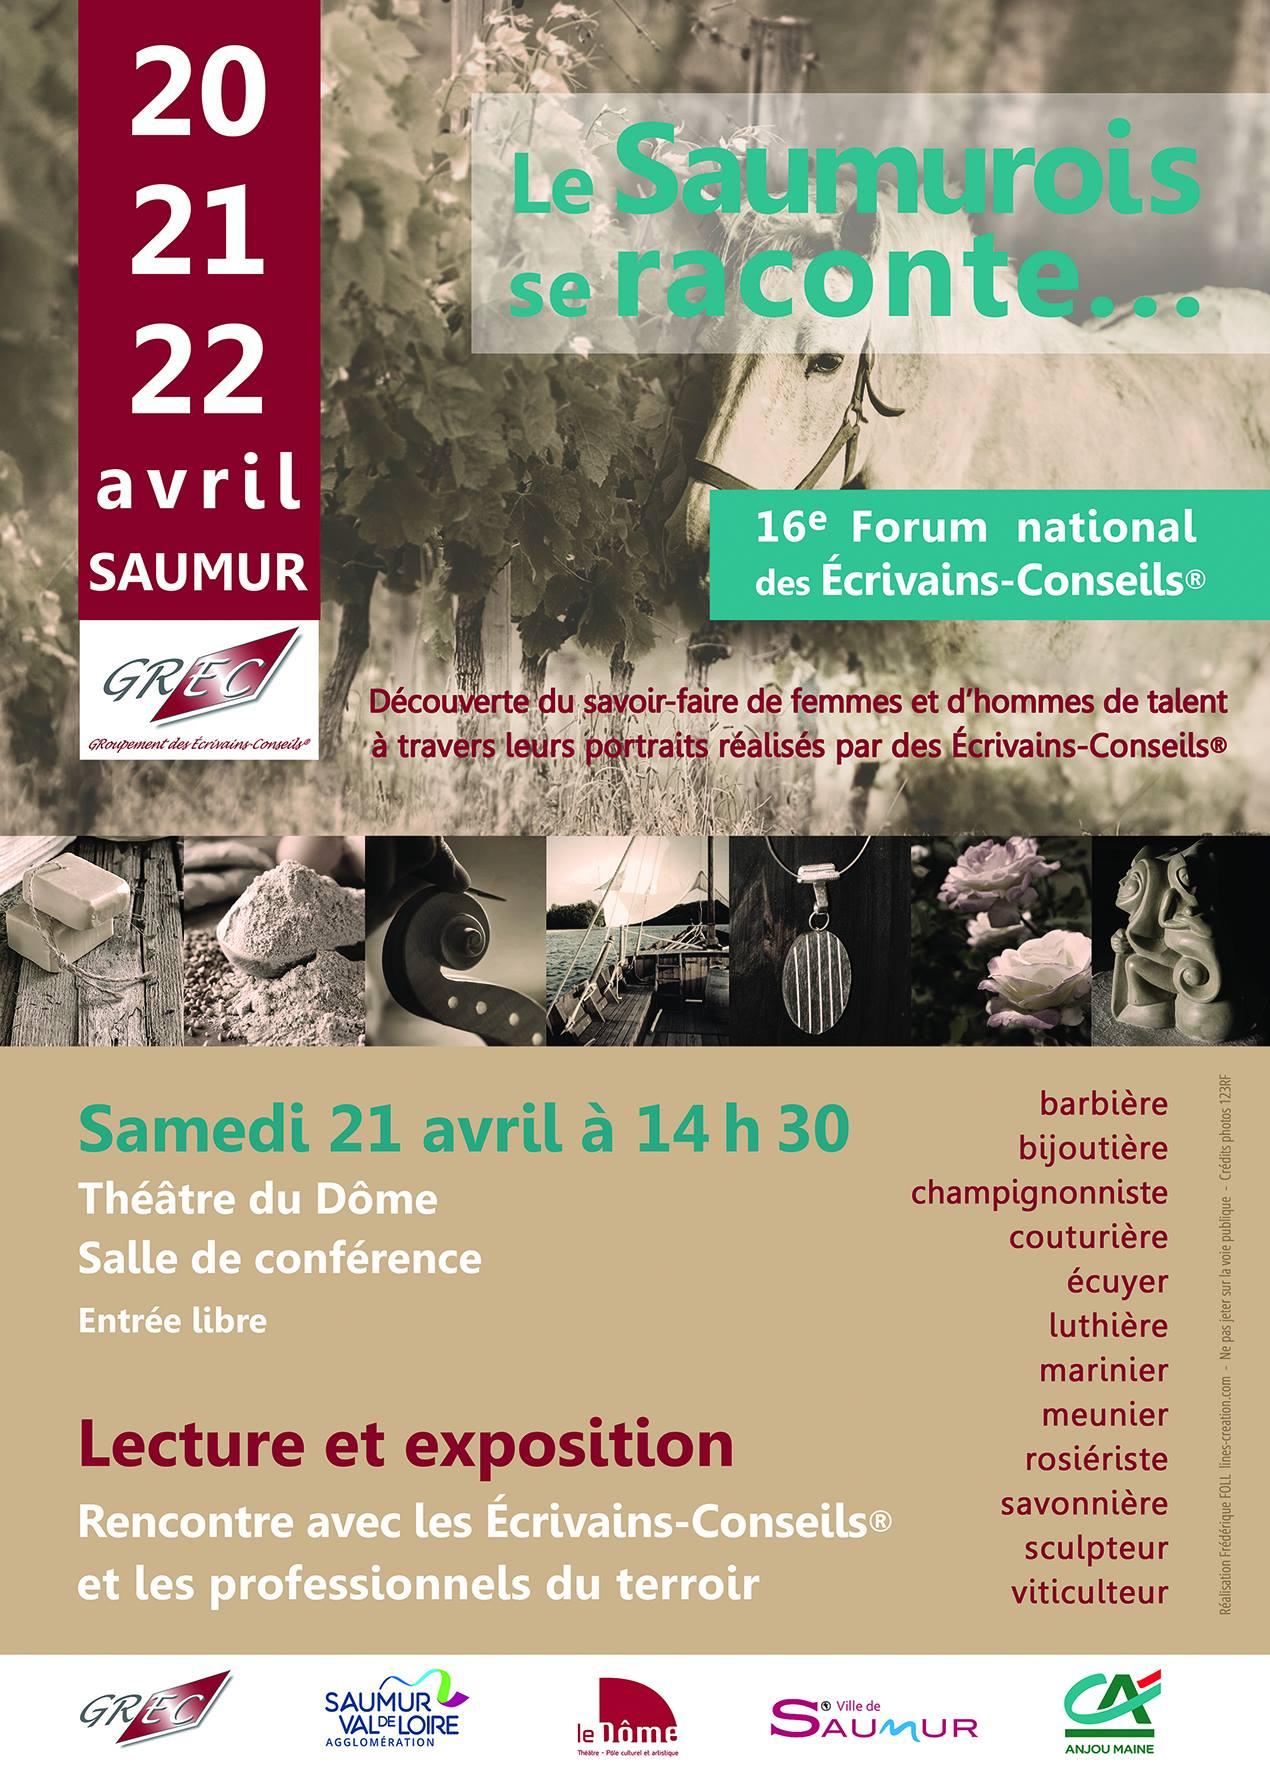 Le 16e Forum du GREC à Saumur